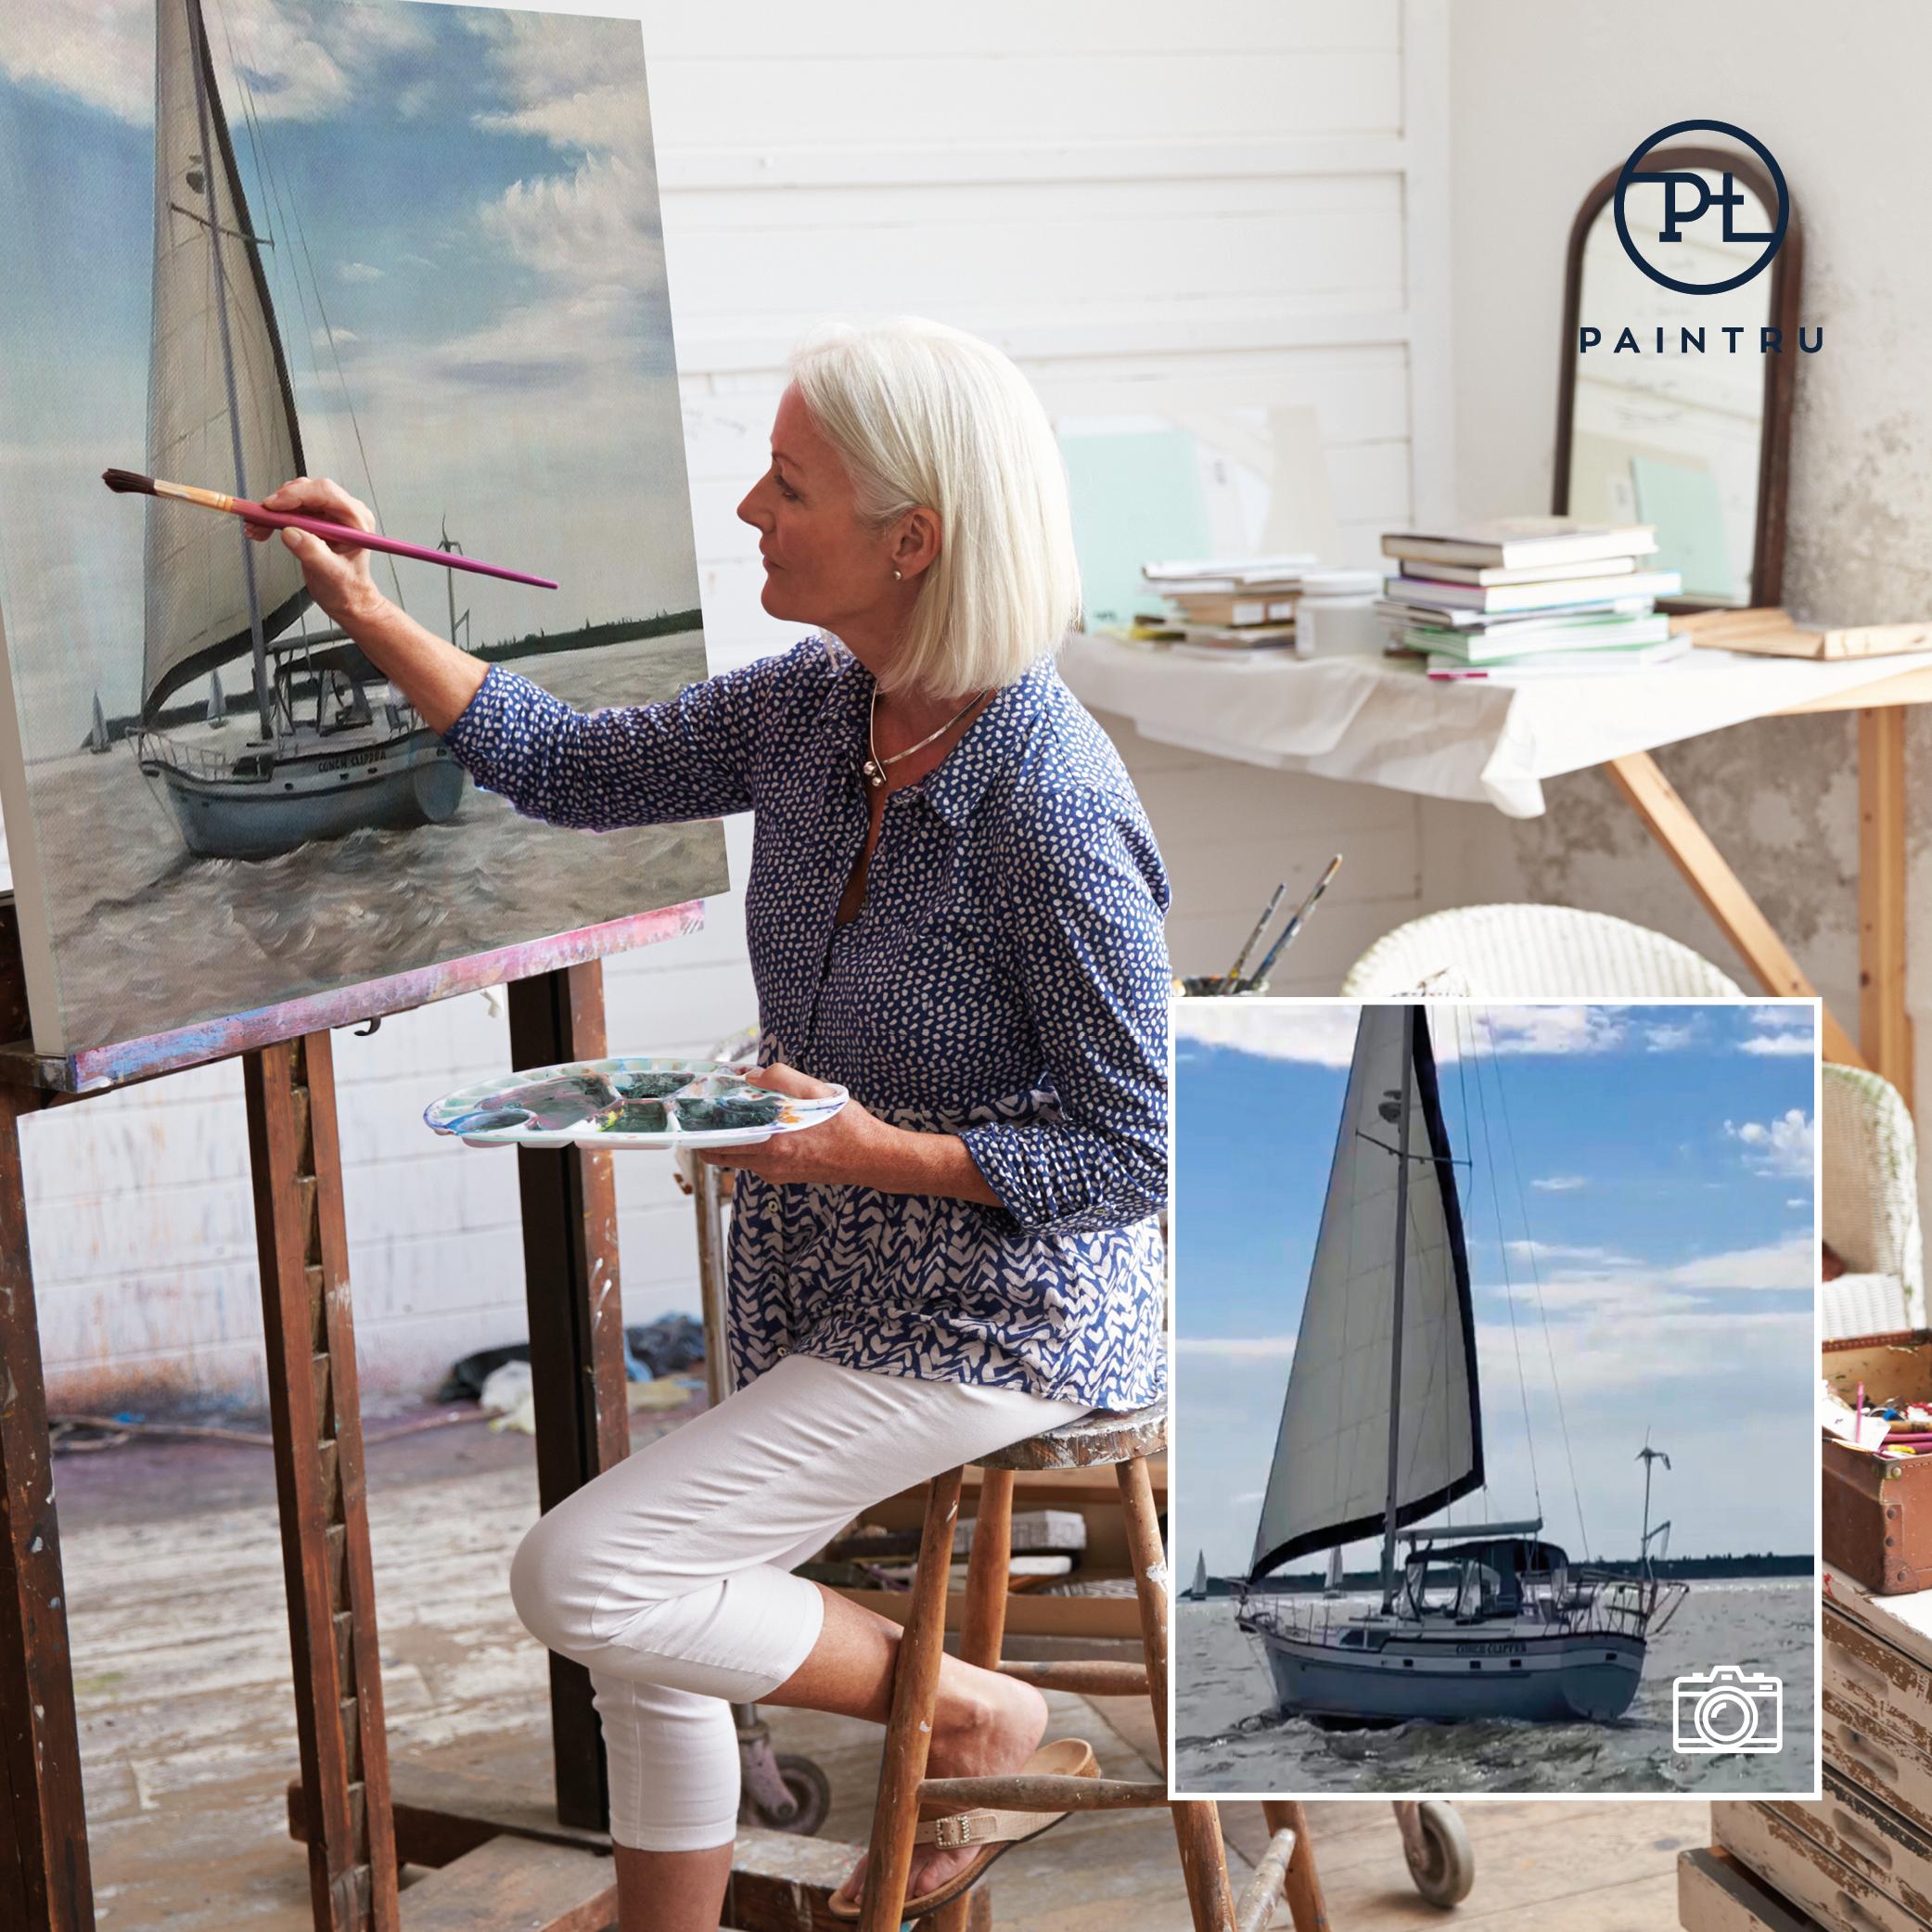 paintru-turning-photos-into-custom-artwork